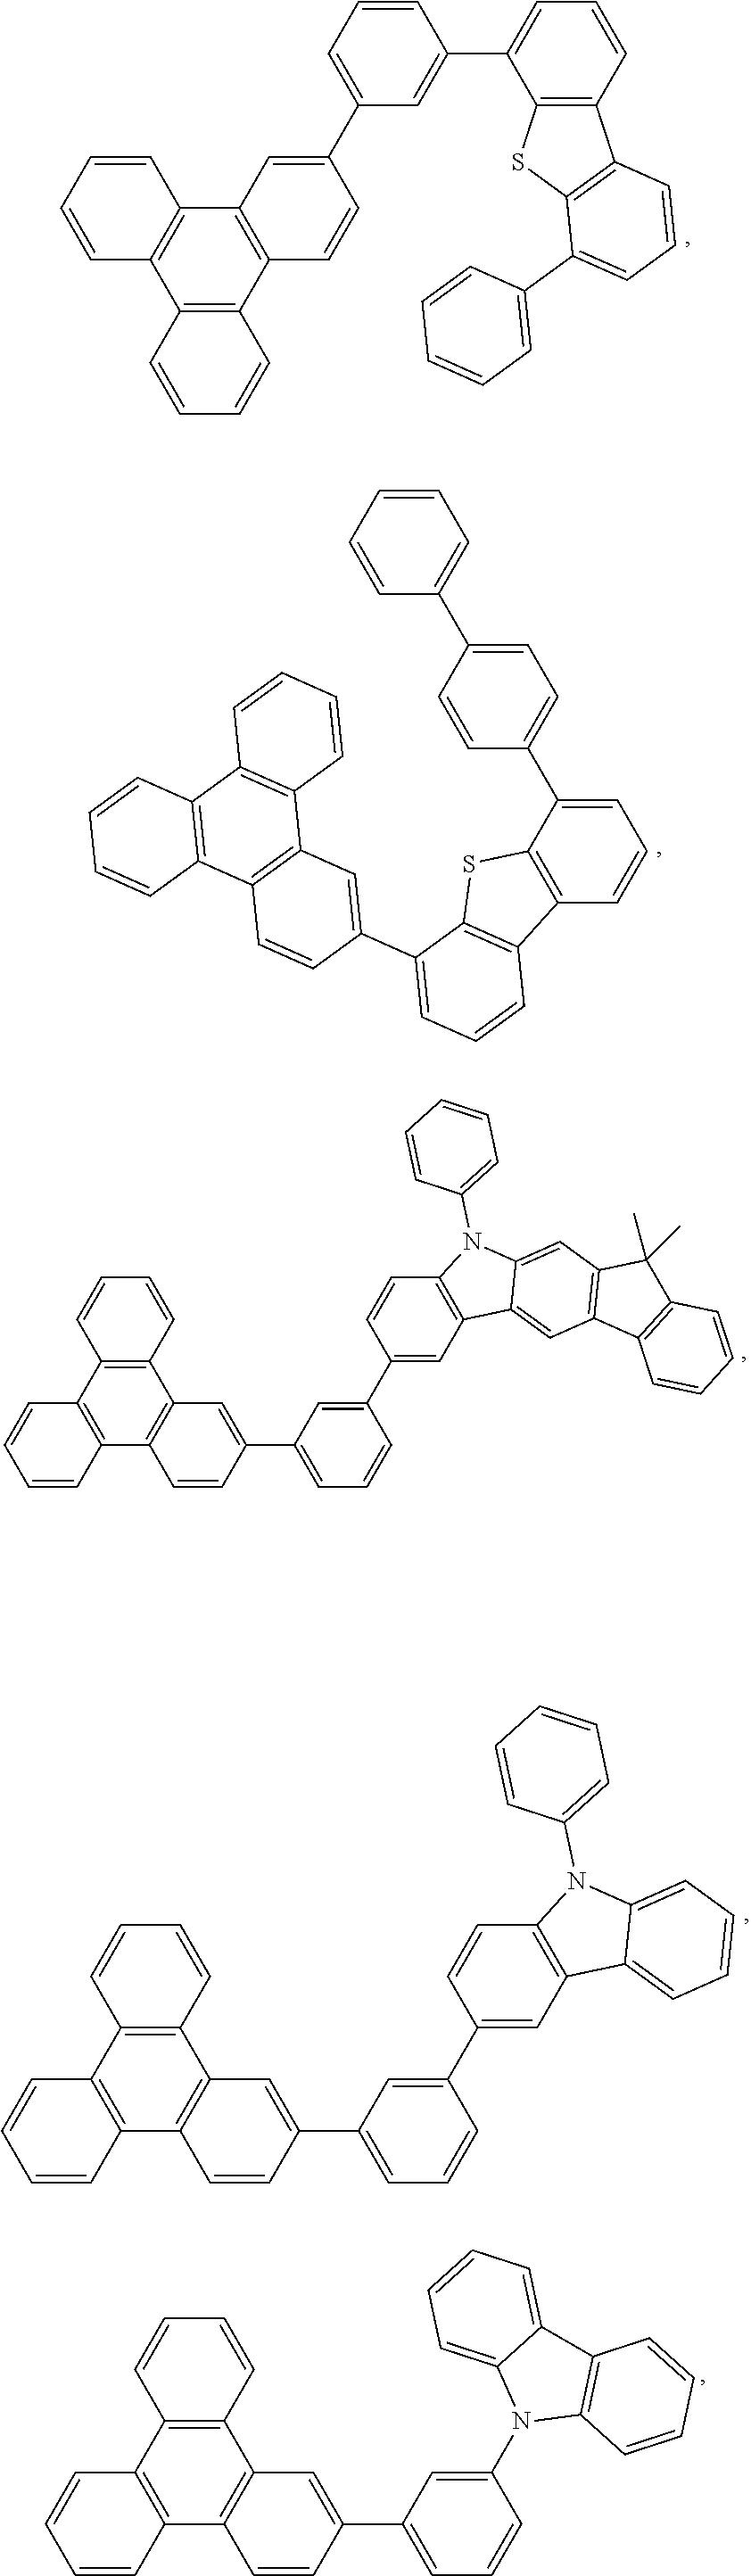 Figure US20190161504A1-20190530-C00046